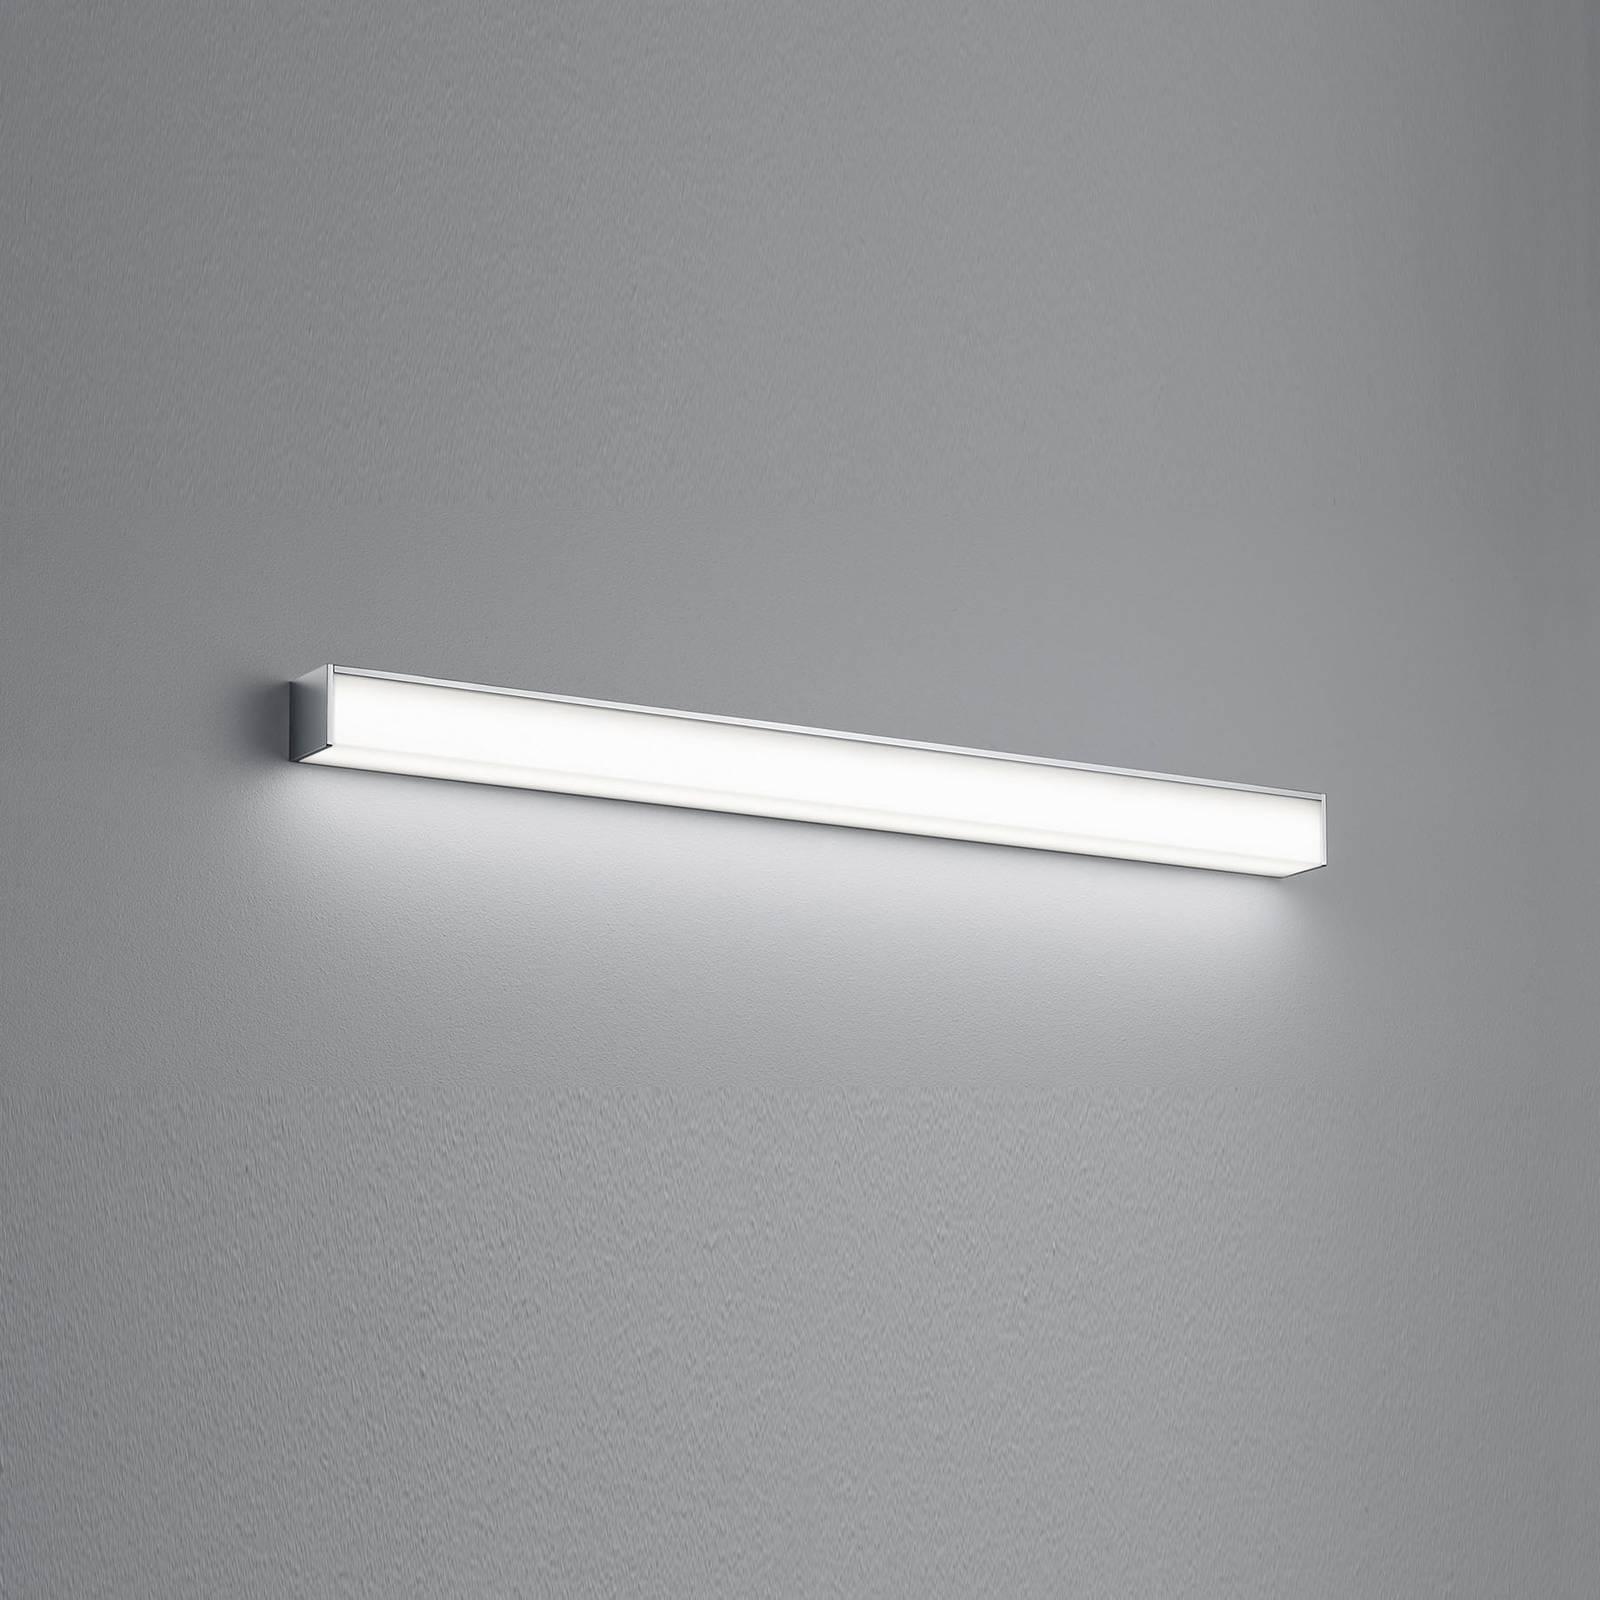 Helestra Nok -LED-peililamppu 90 cm